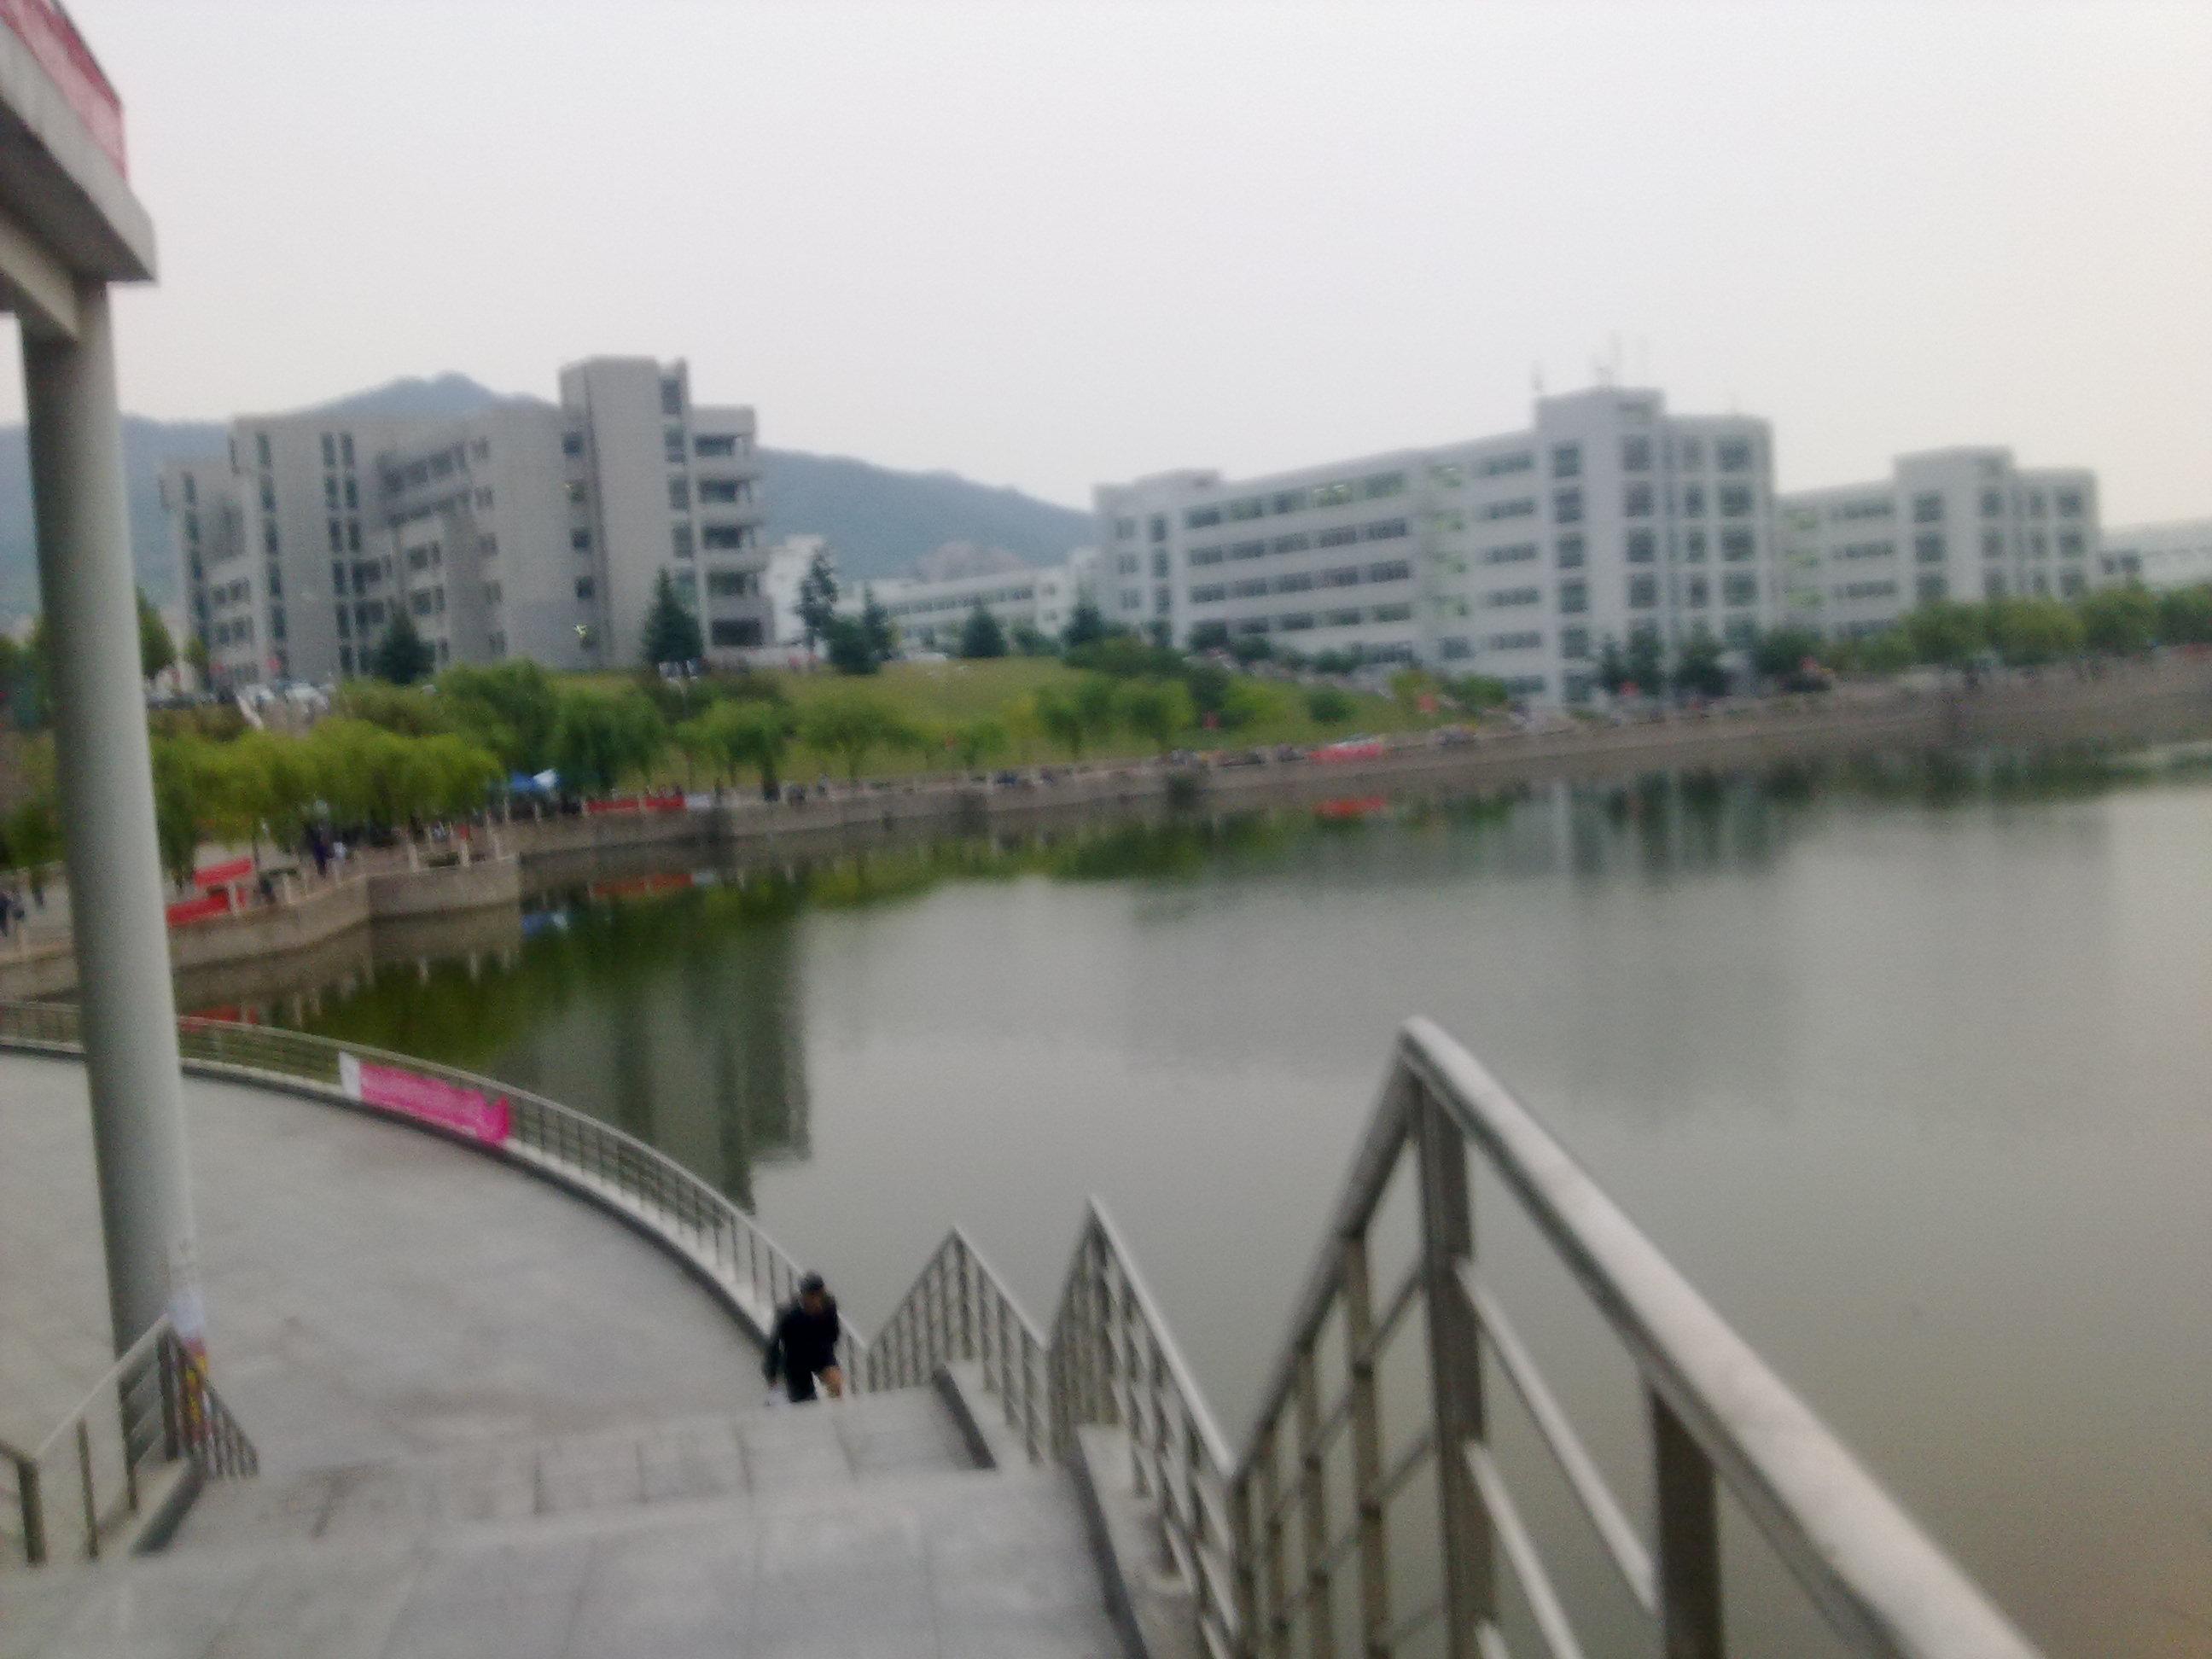 青岛大学录取通知书 山东青岛大学宿舍 青岛大学东校区